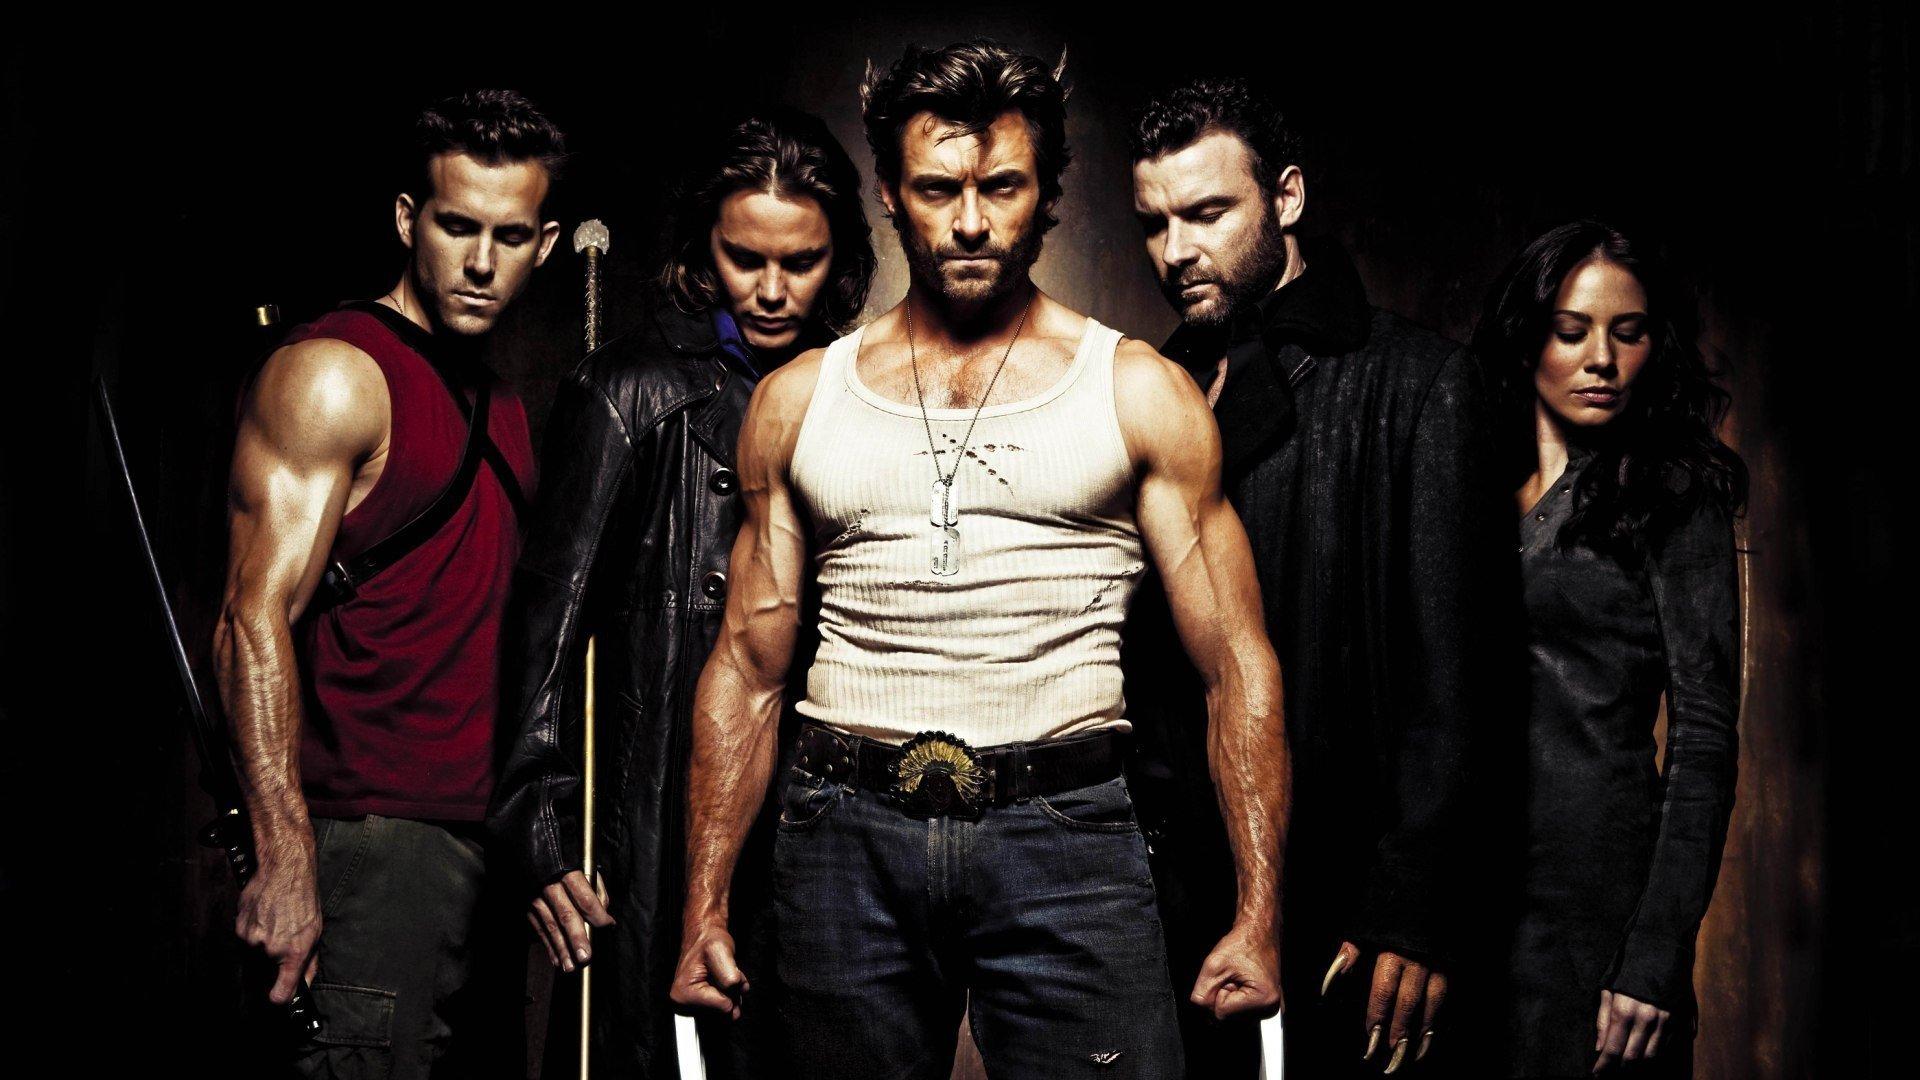 X-Men filmleri